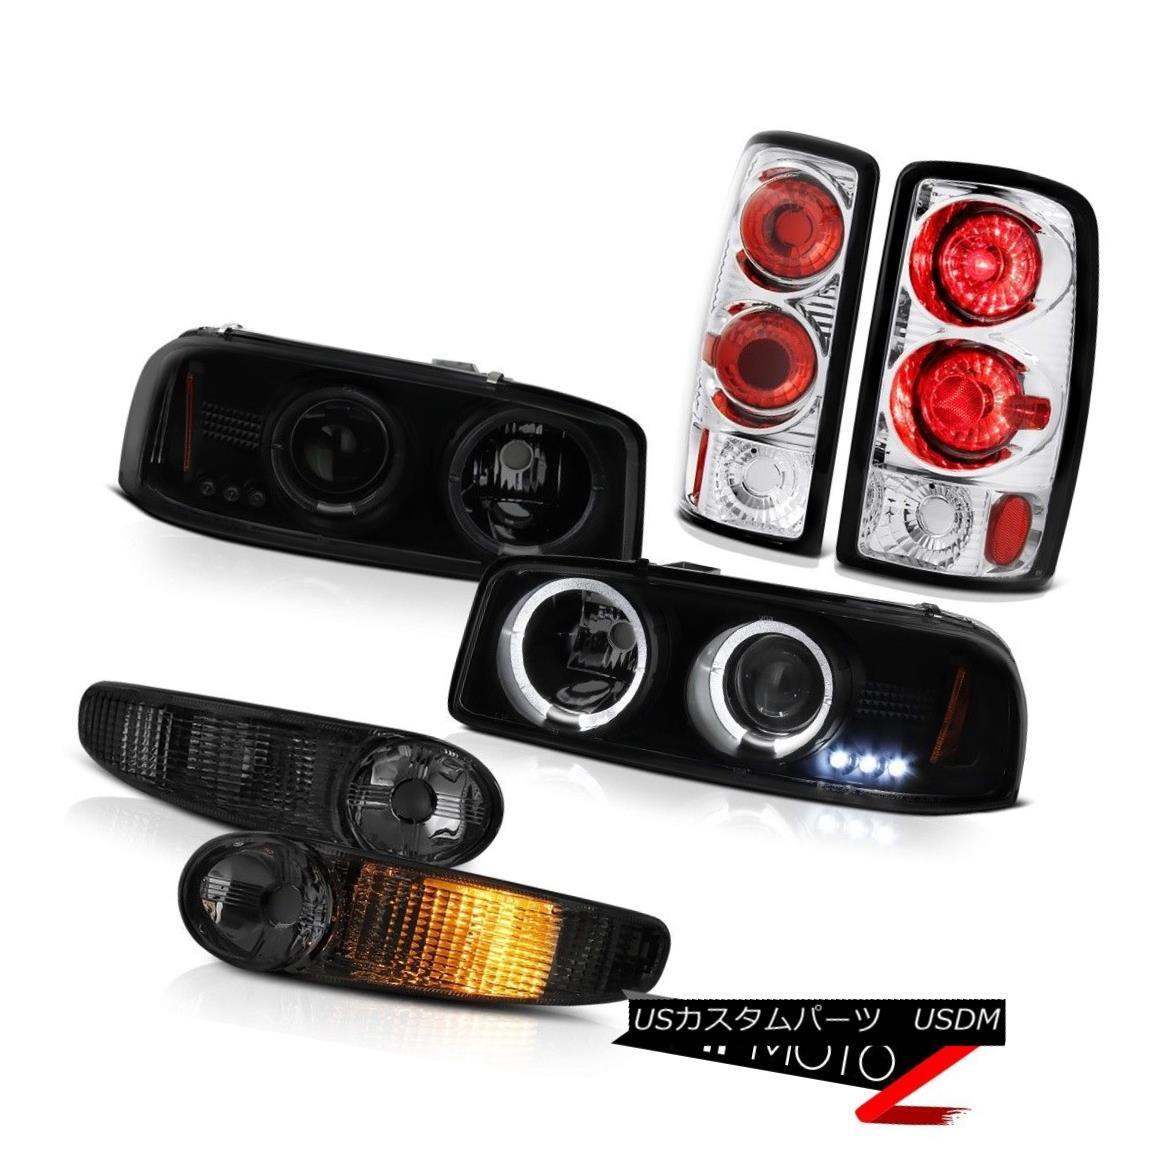 テールライト 01-06 GMC Yukon XL Denali SLE Turn Signal Taillights Sinister Black Headlamps 01-06 GMC Yukon XLデナリSLEターンシグナルターンライト灰色黒ヘッドランプ